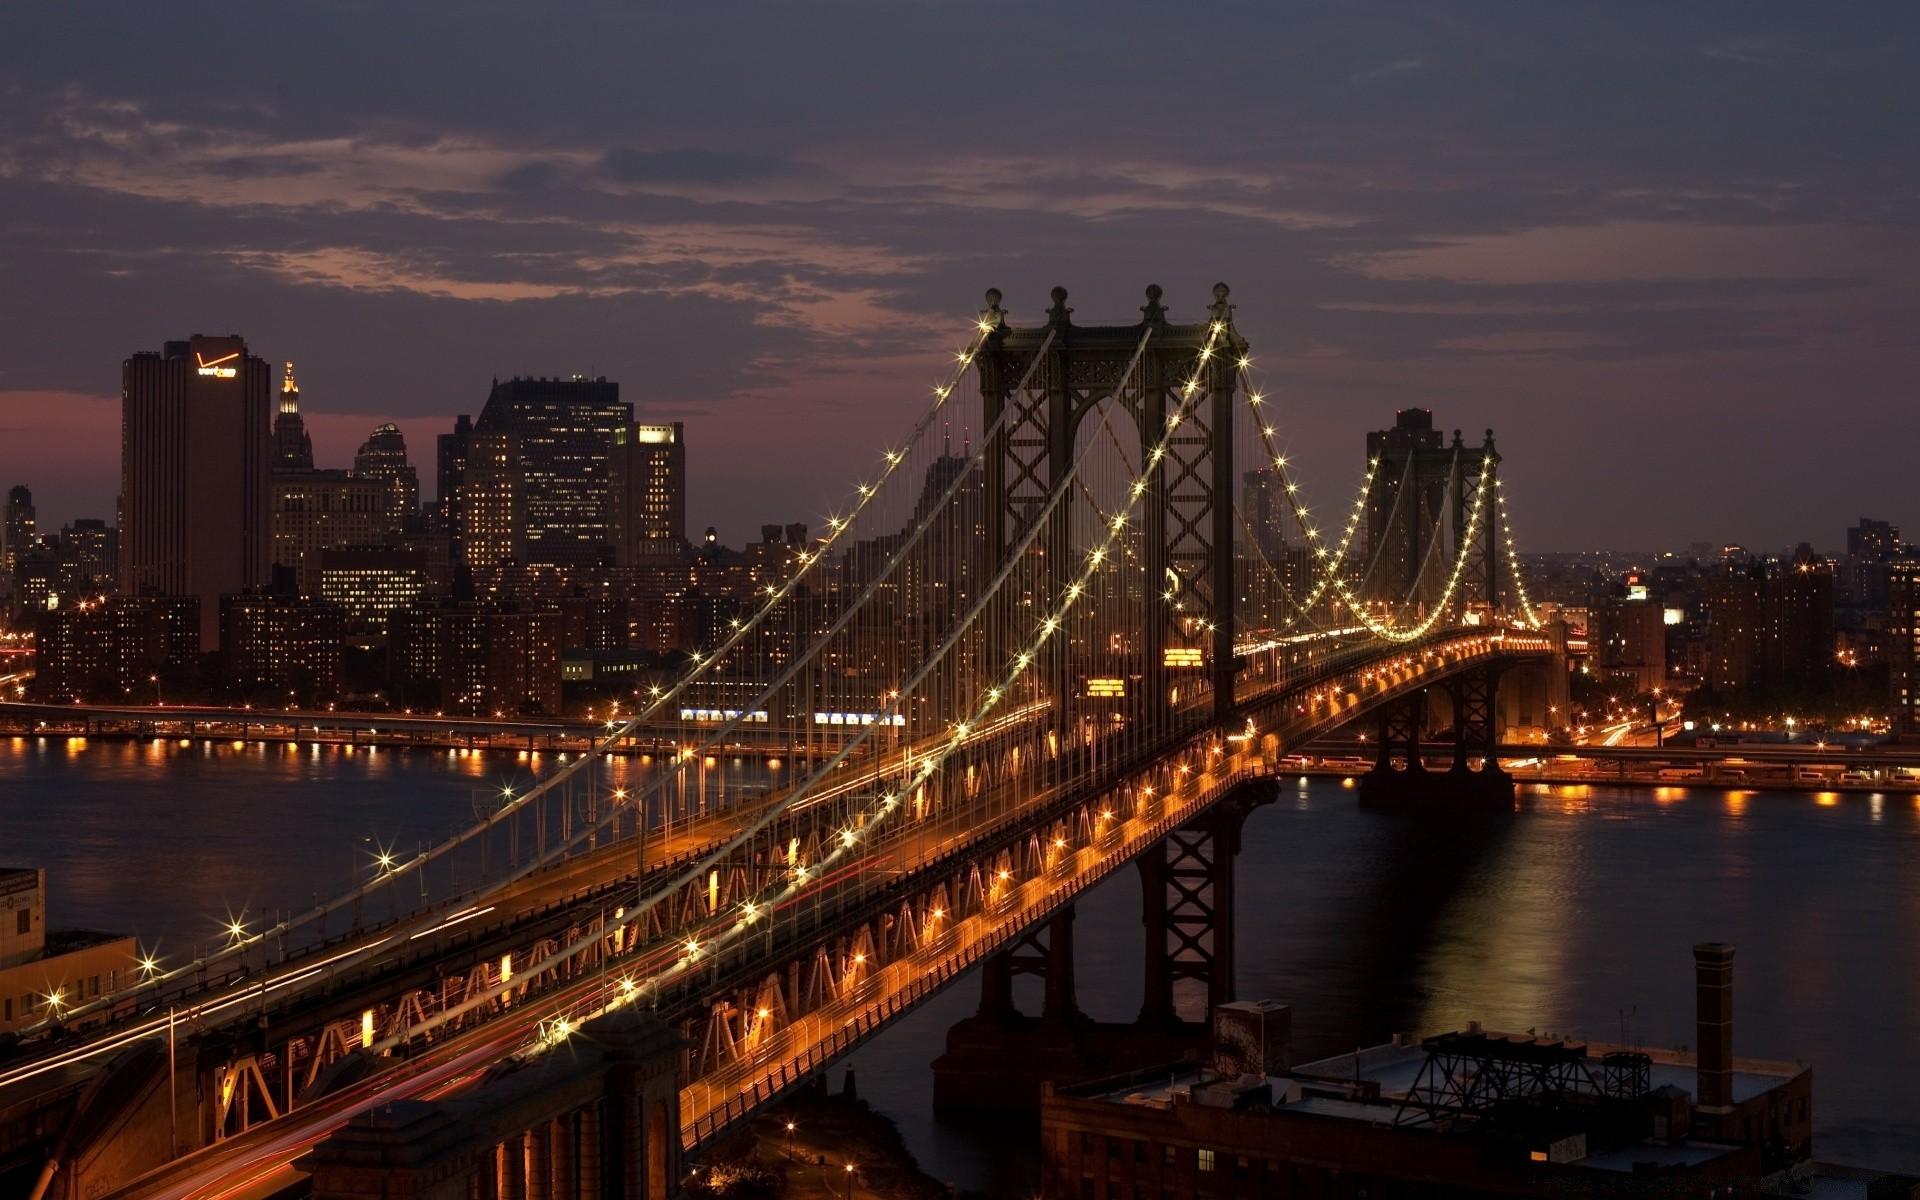 картинки на телефон мосты месту